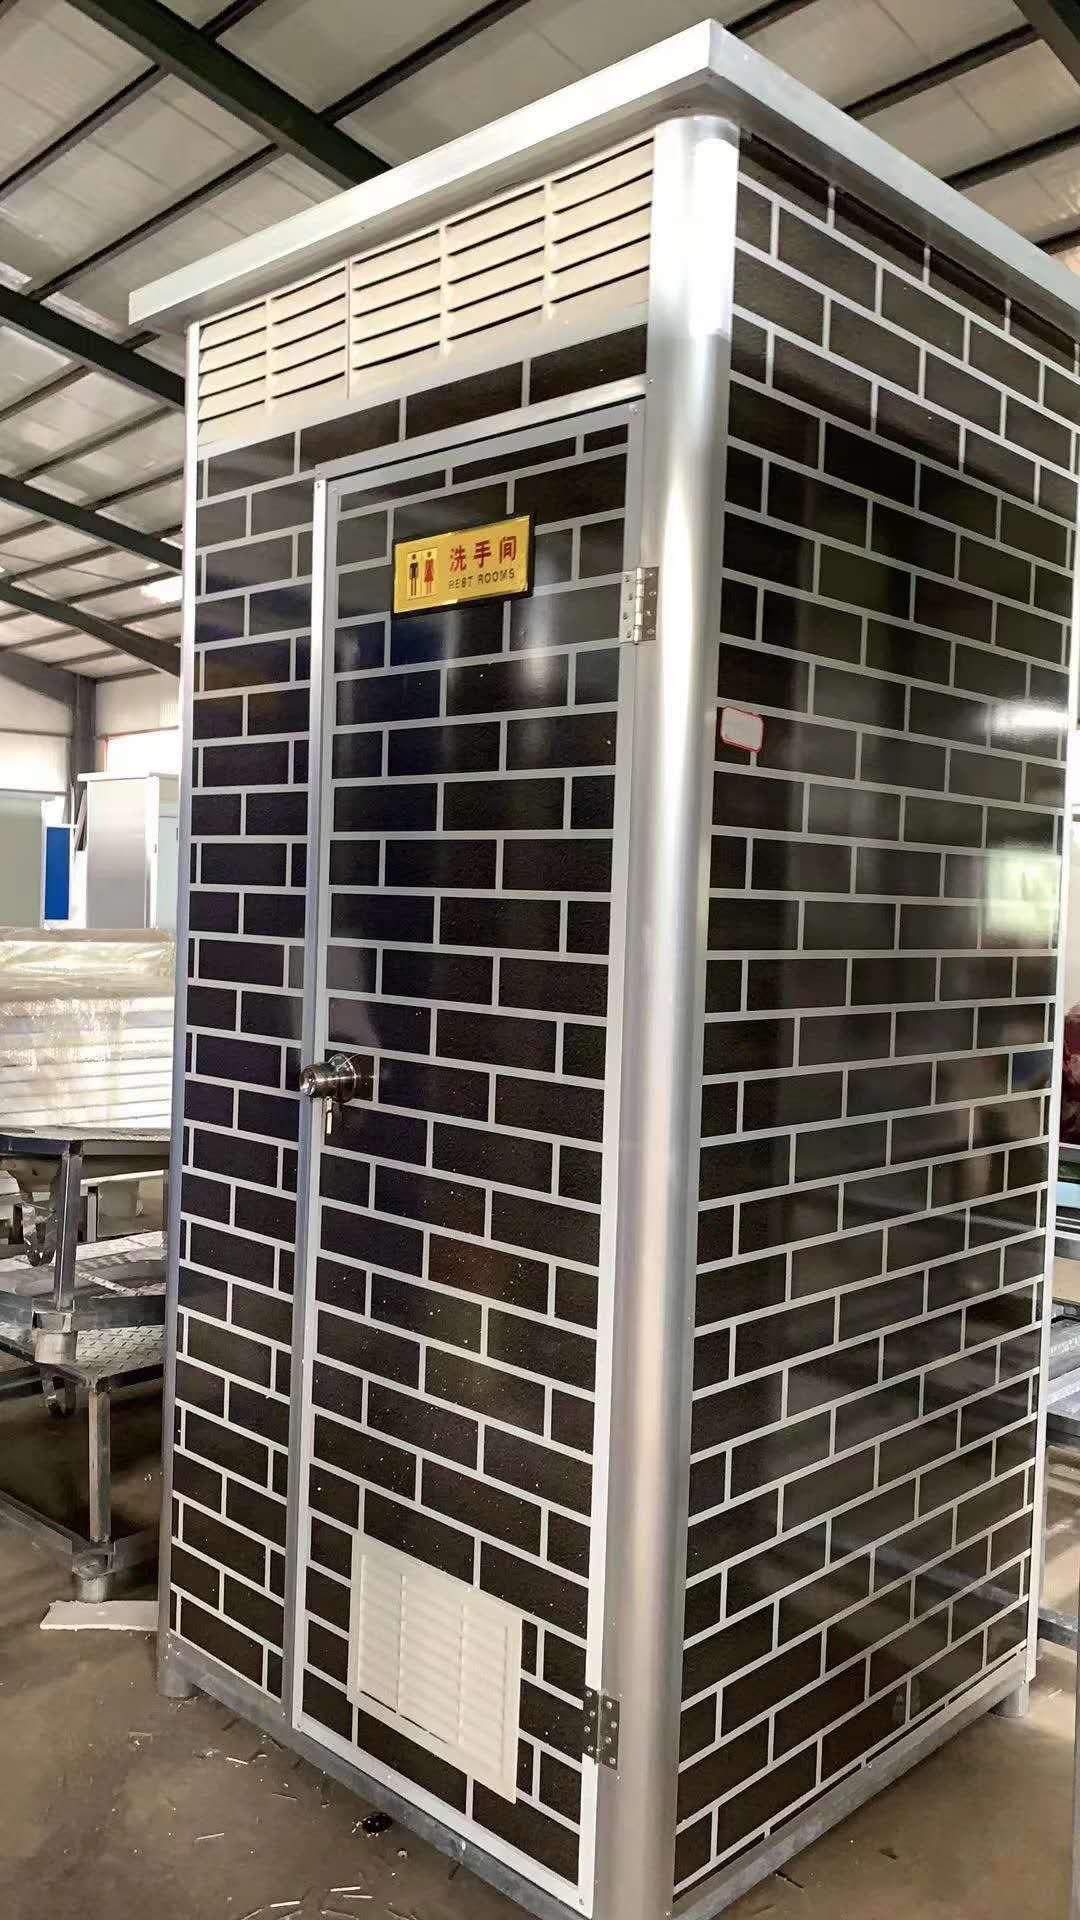 沧州普林移动厕所移动淋浴间 移动箱体